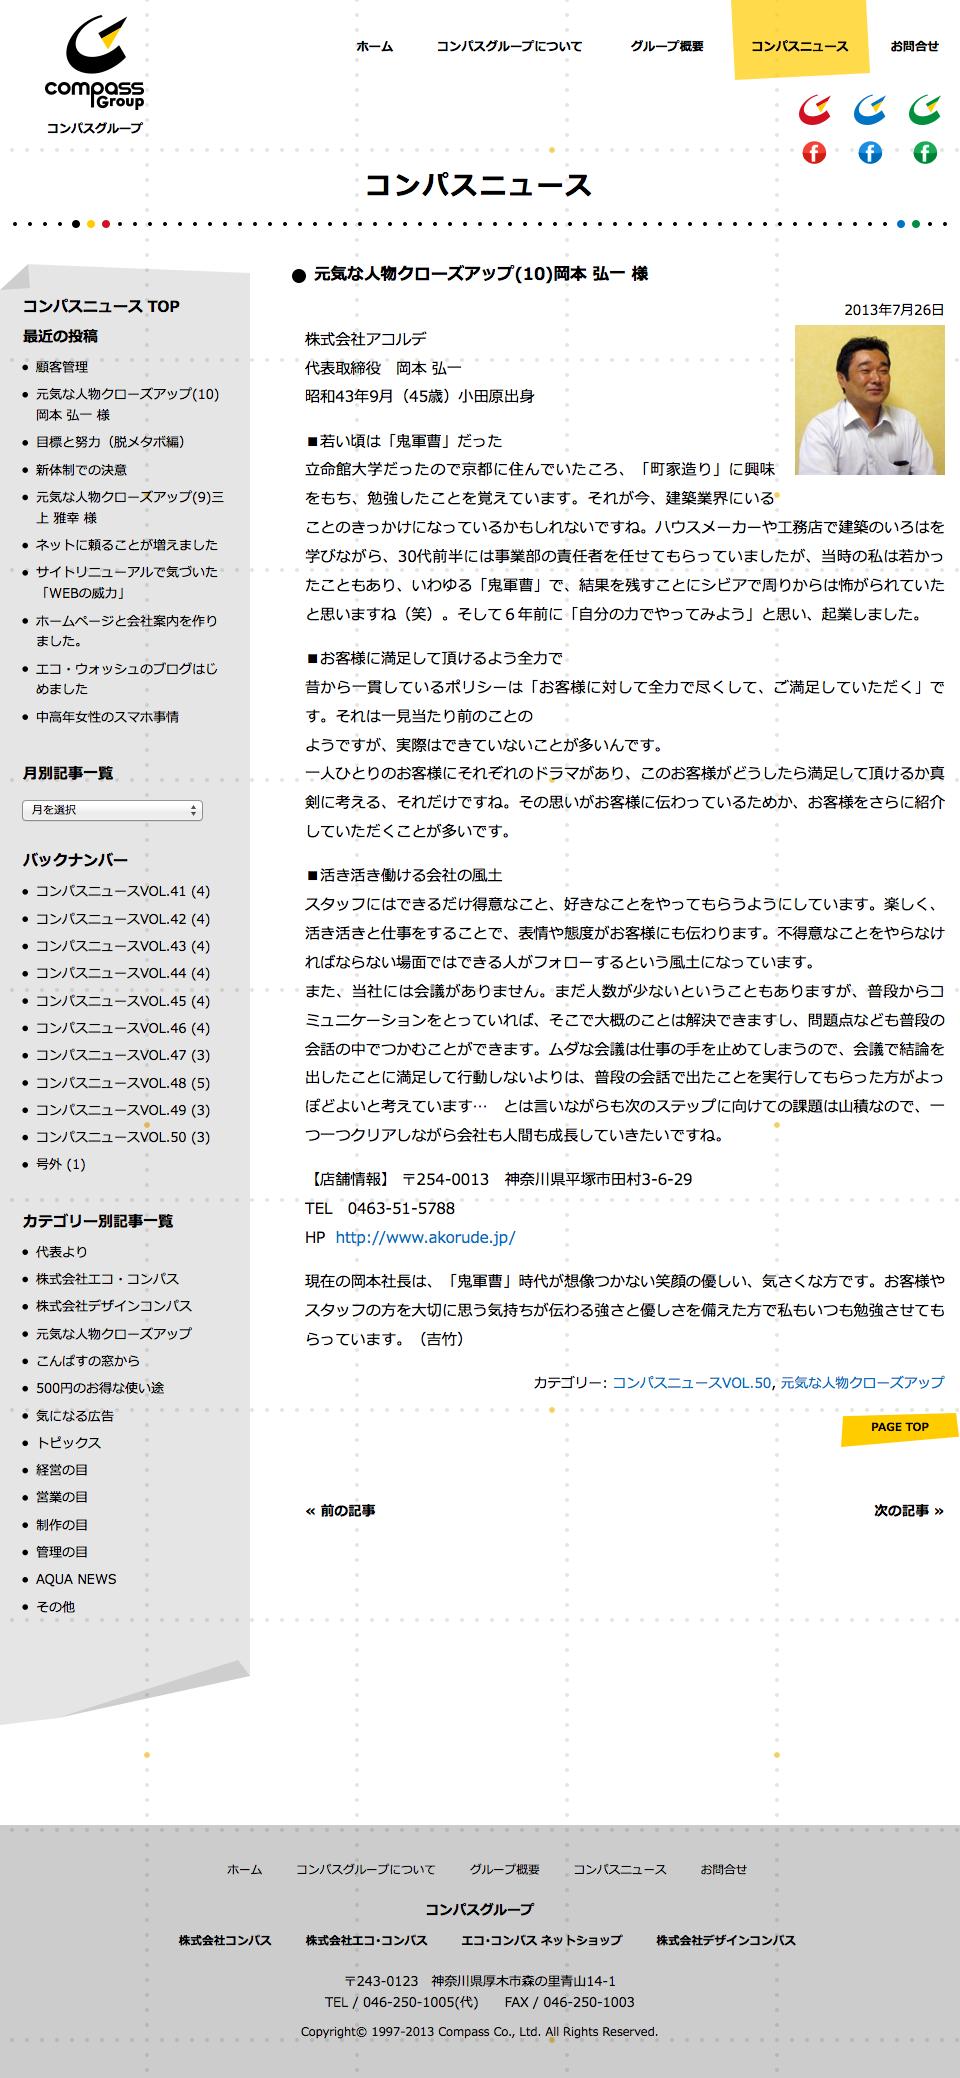 元気な人物クローズアップ(10)岡本 弘一 様  コンパスニュース